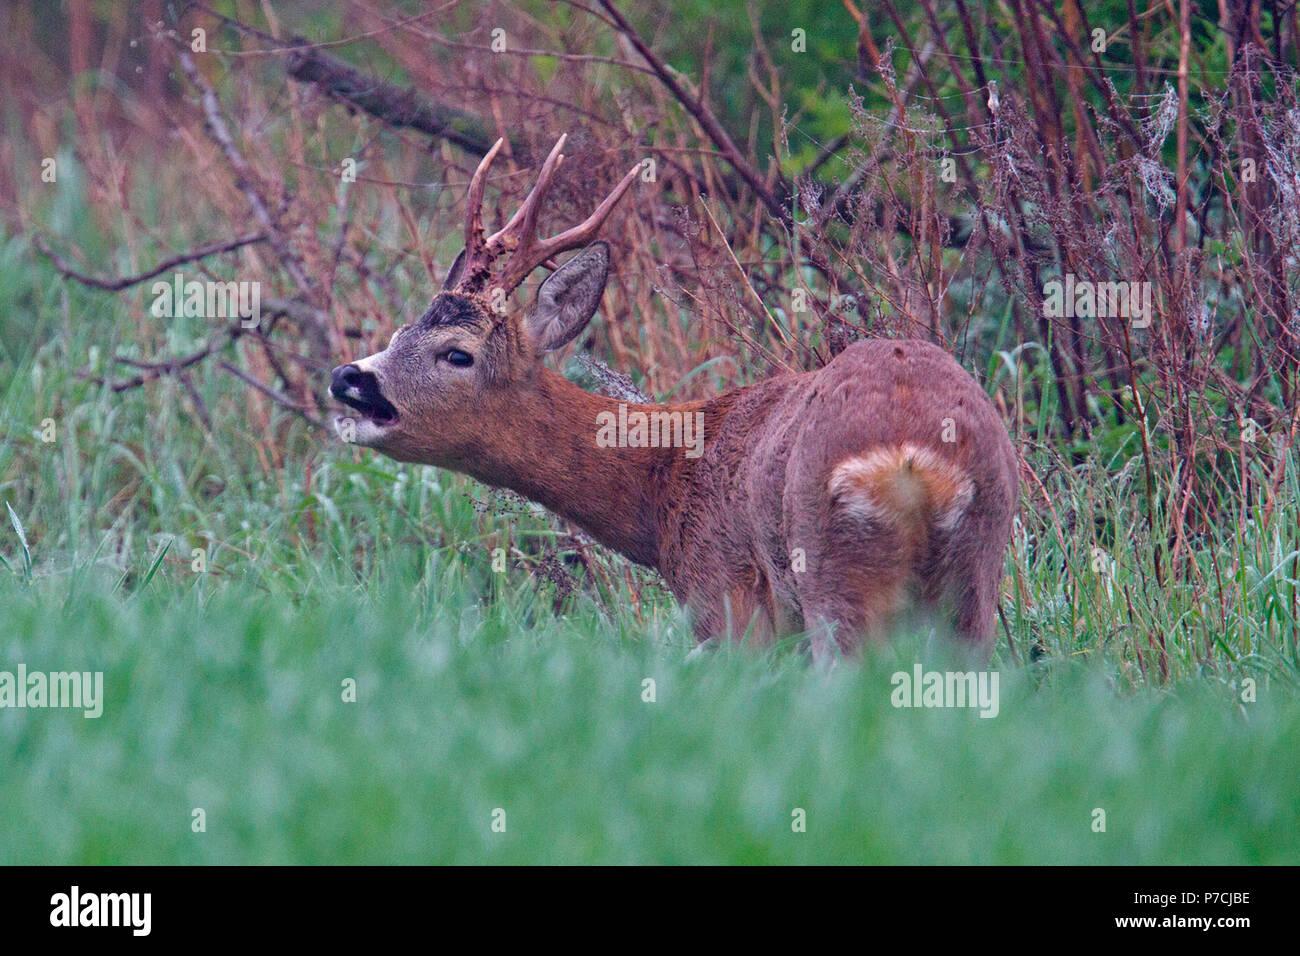 european roe deer, roebuck, (Capreolus capreolus) - Stock Image